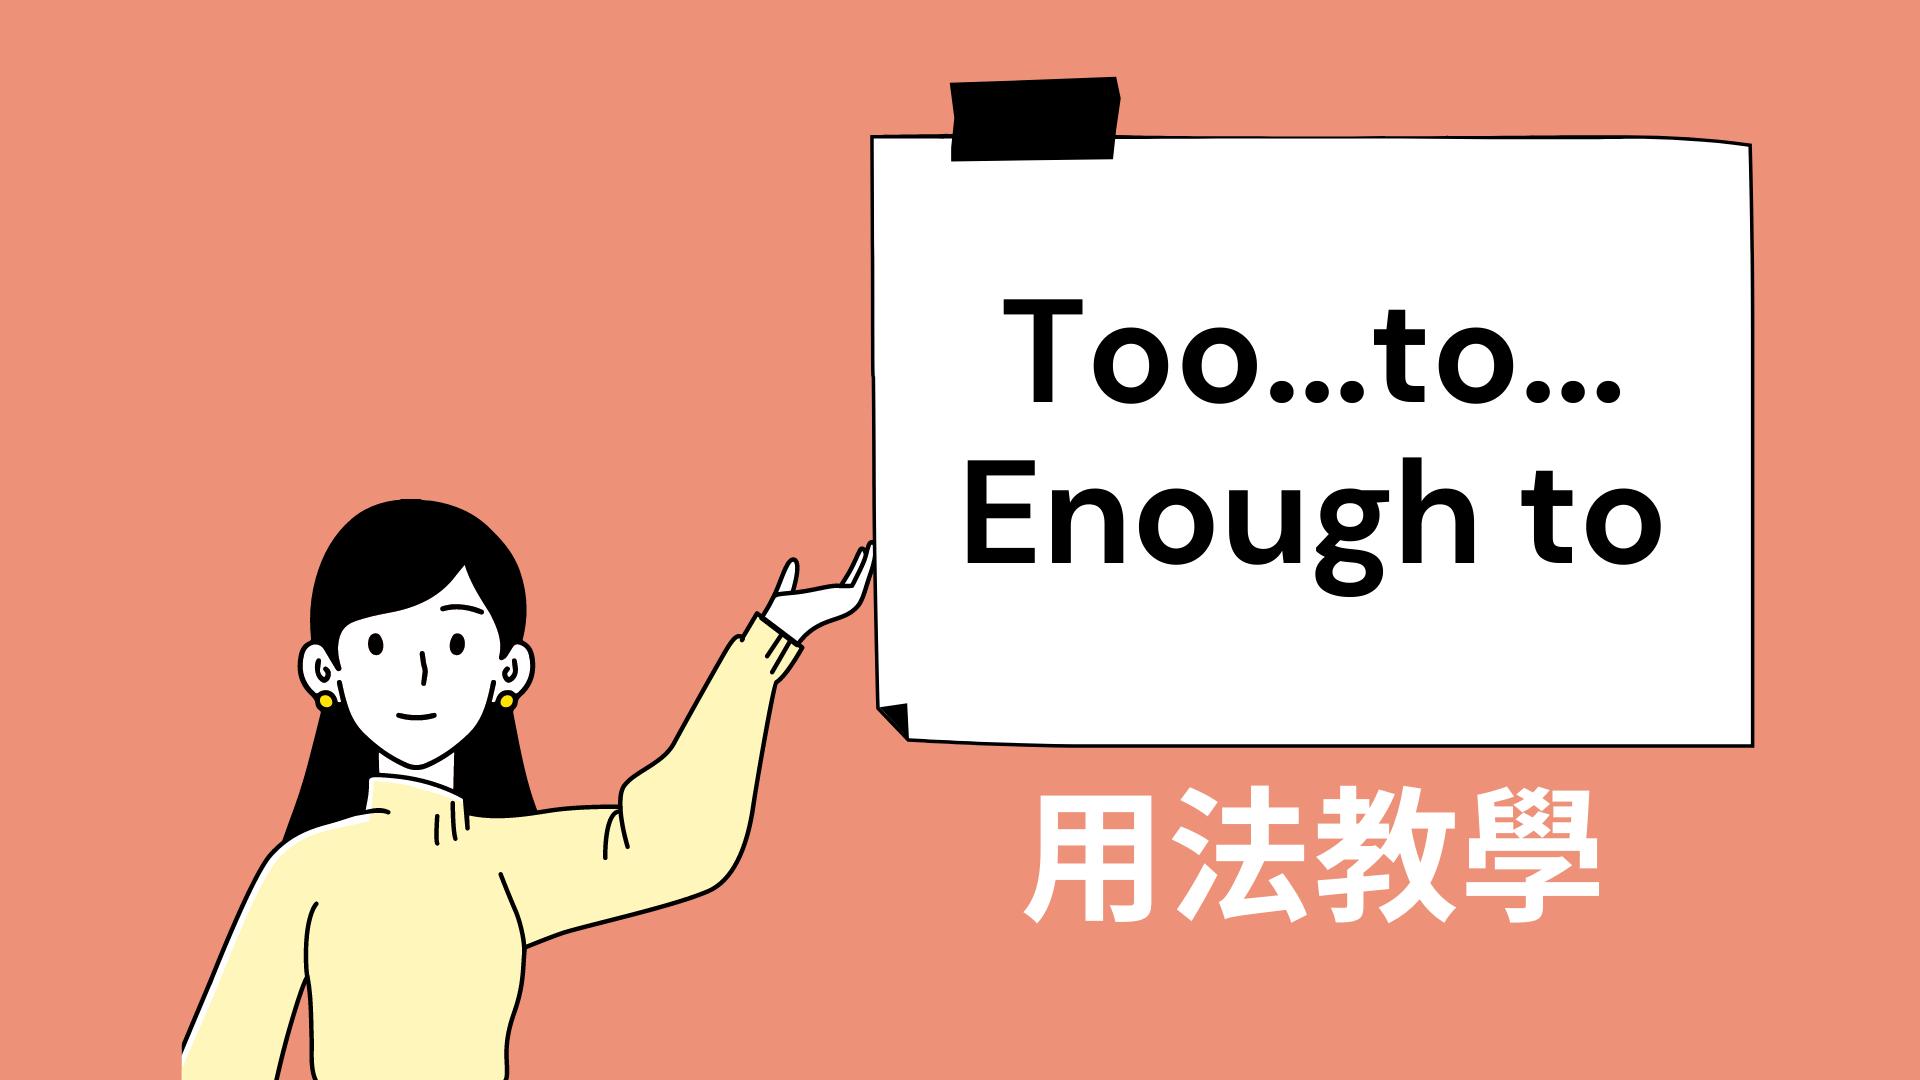 英文 too to 、enough to 用法與中文意思!教學